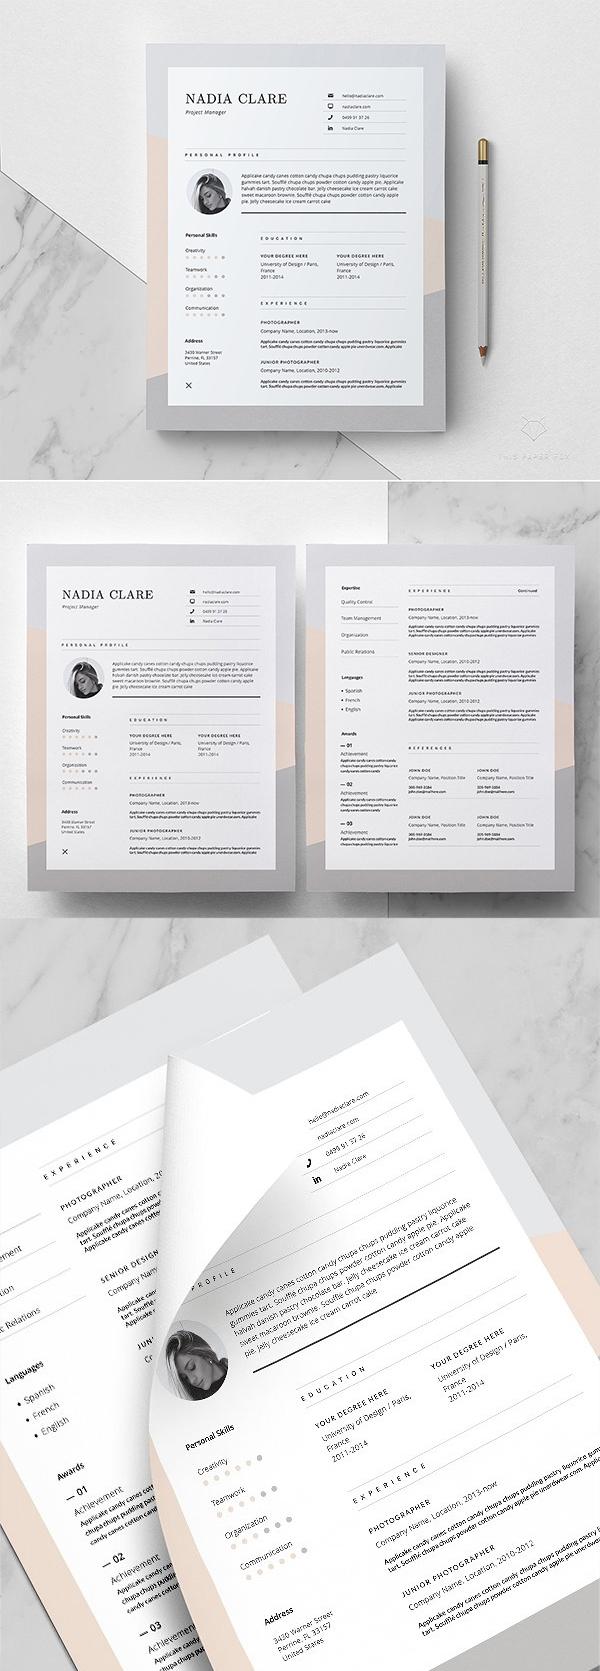 Editorial Resume Design